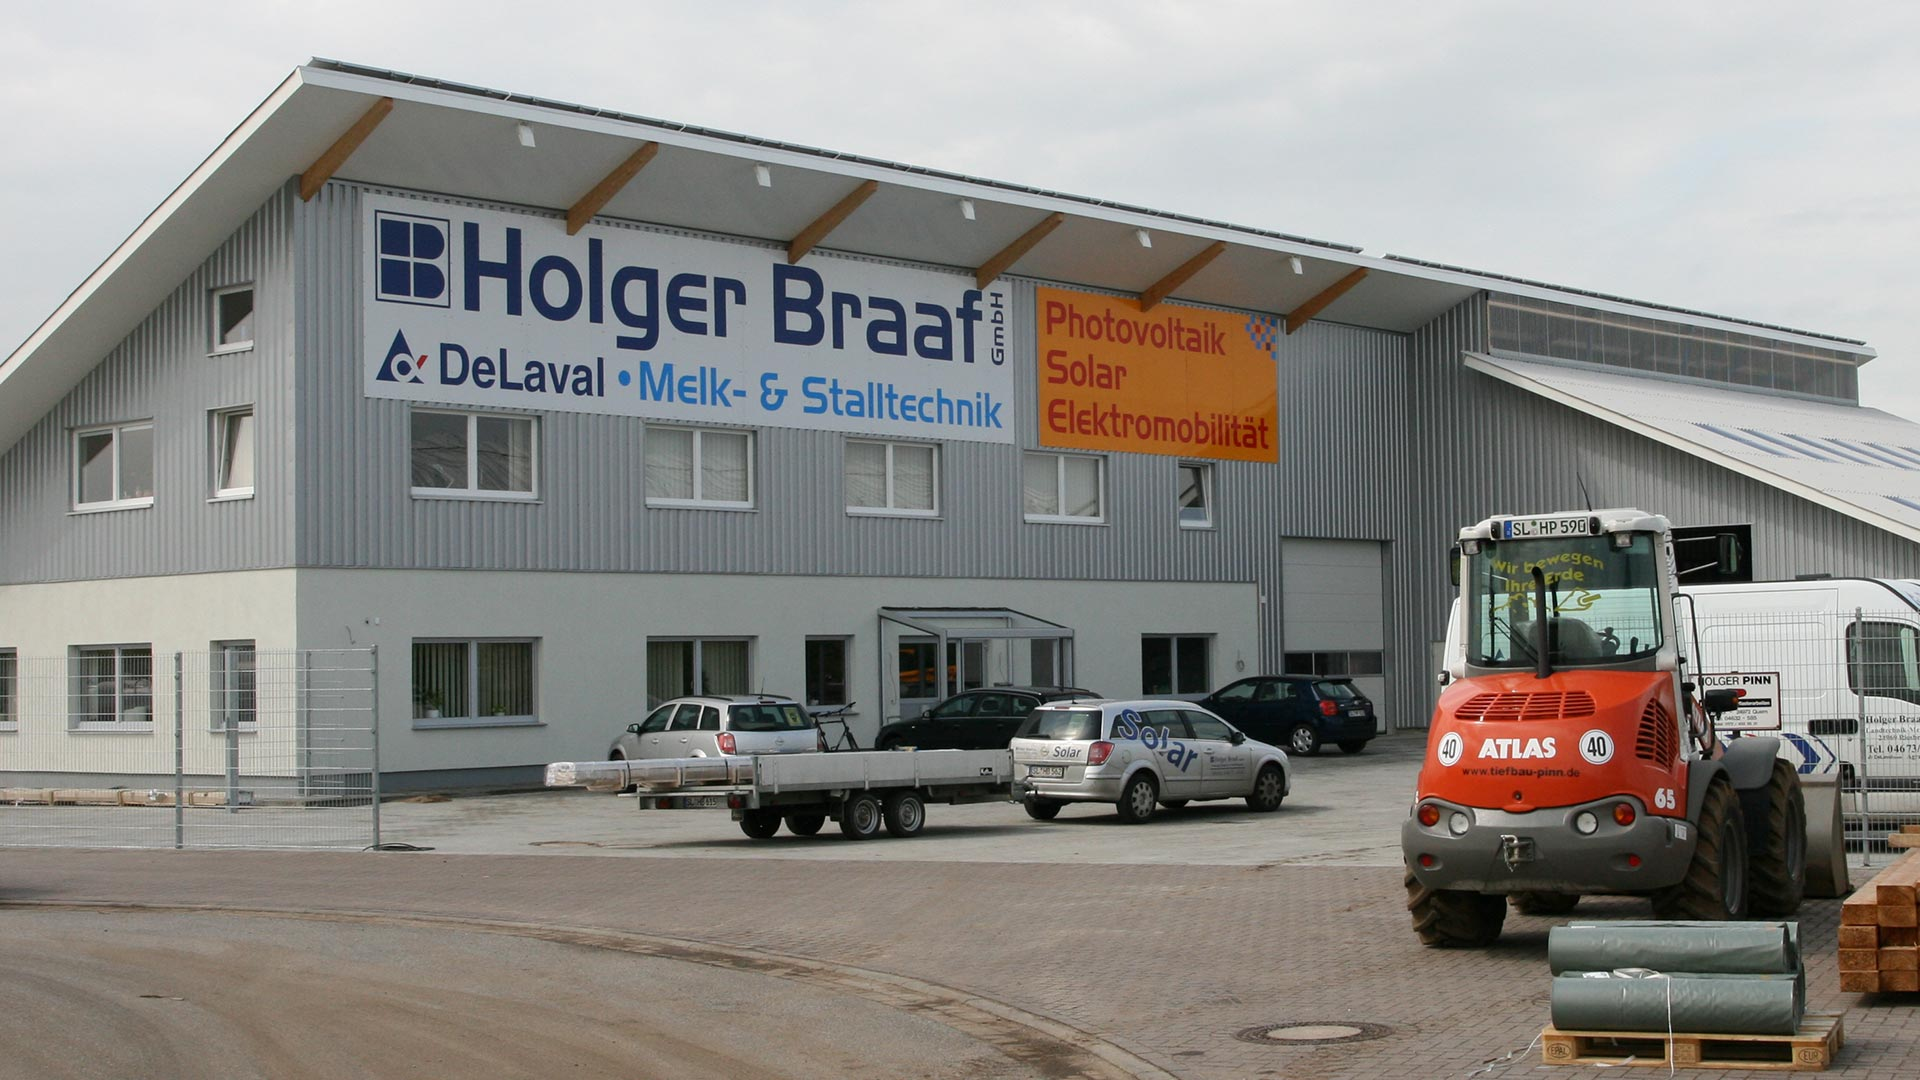 Schilderdruck für Holger Braaf